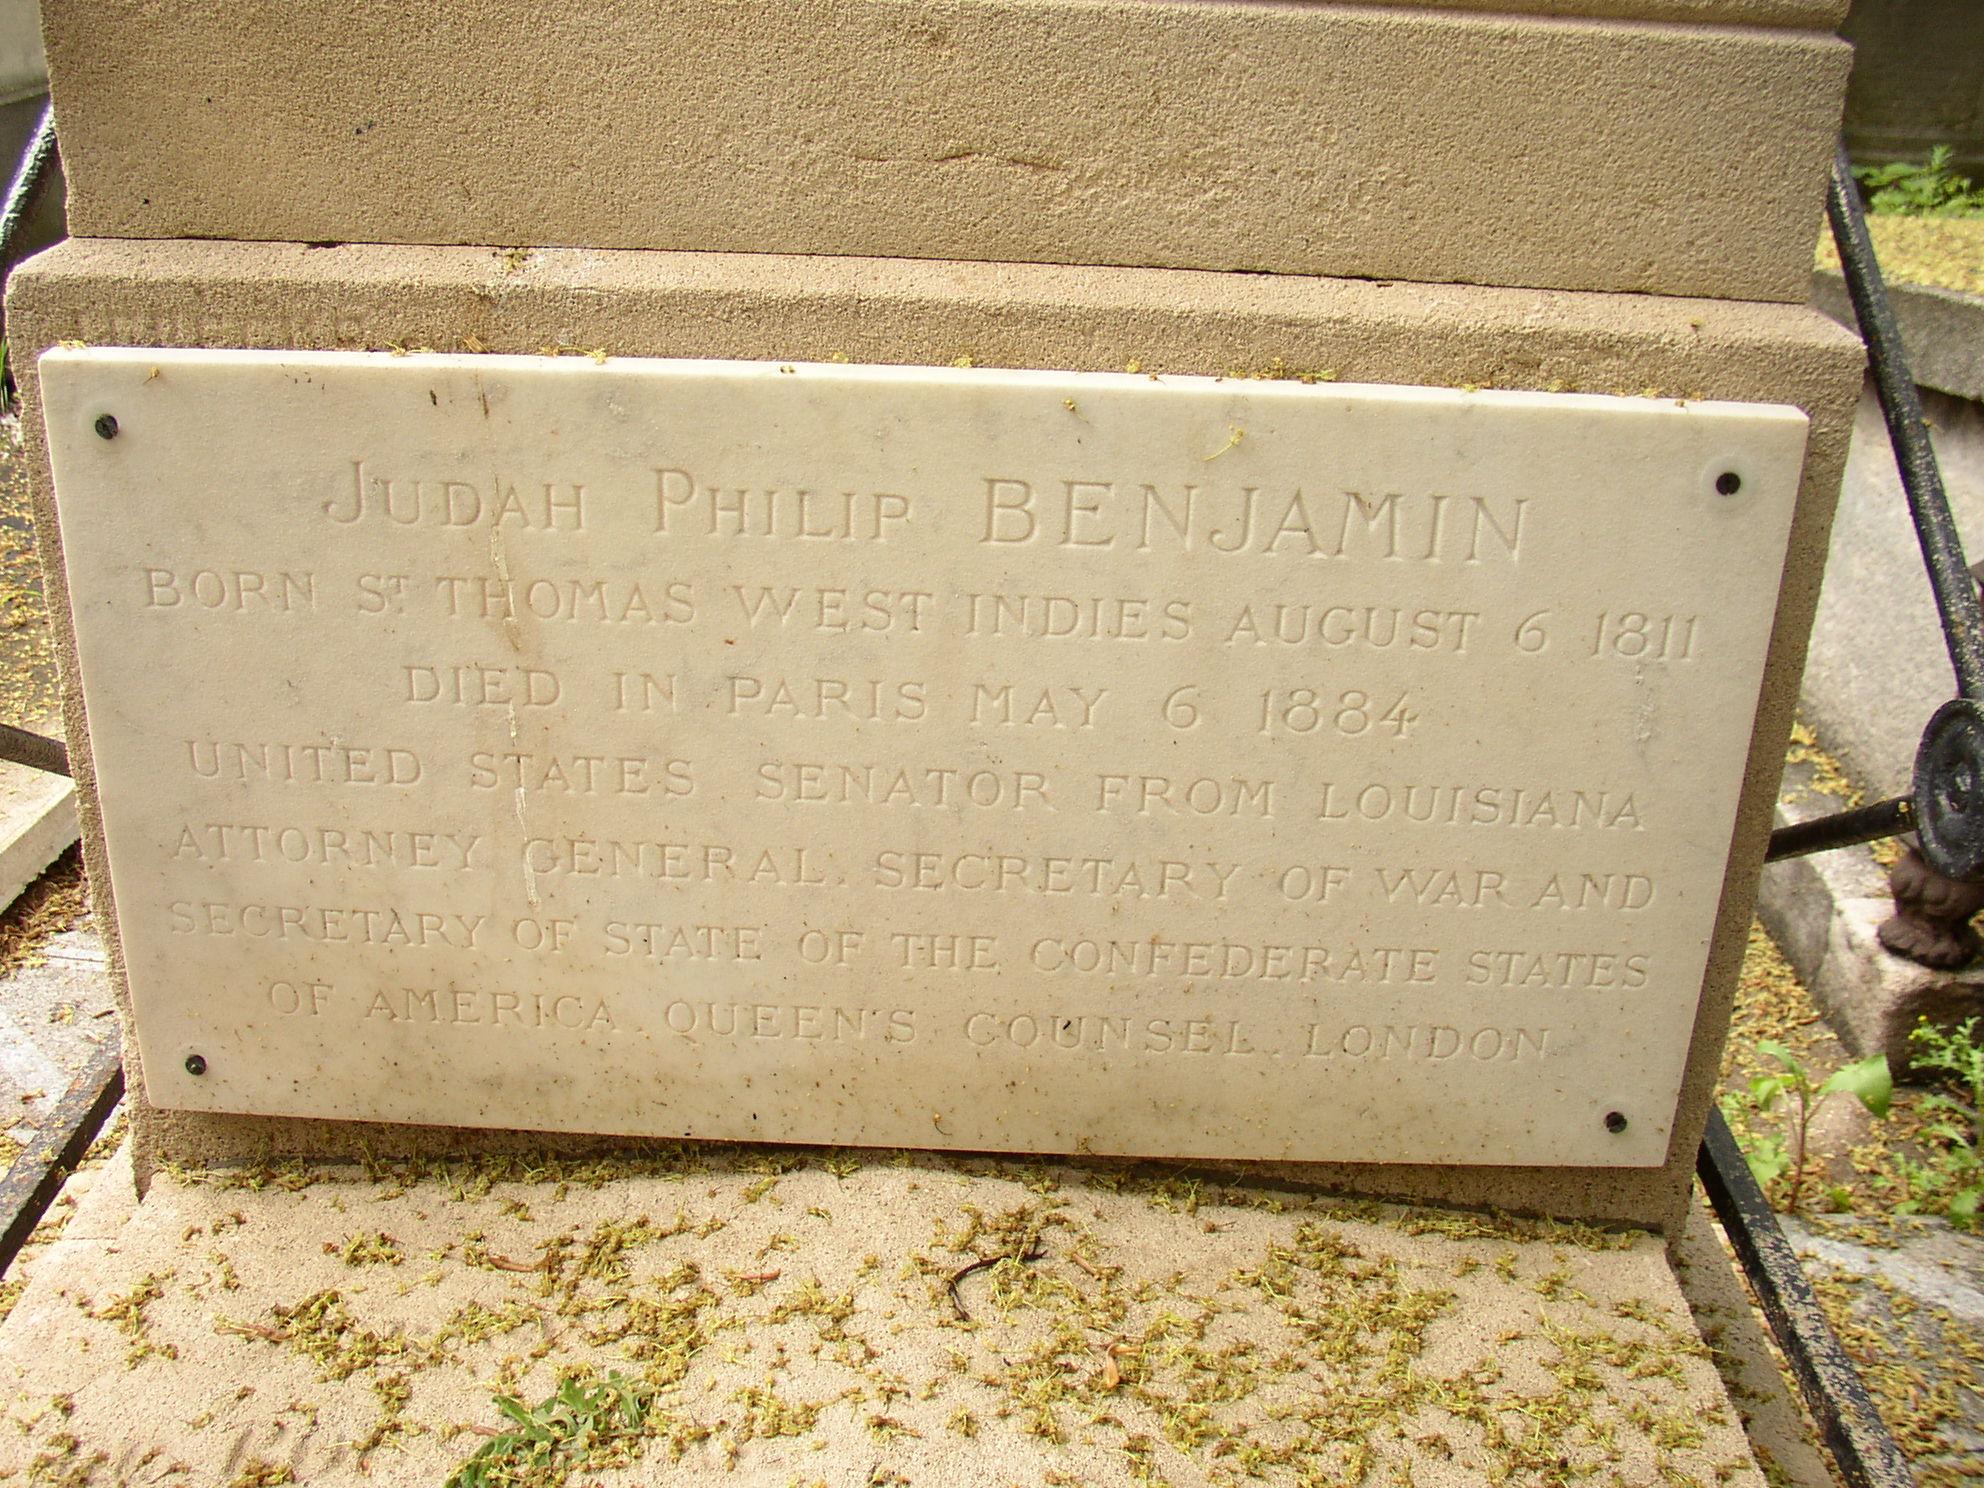 Judah Philip Benjamin's quote